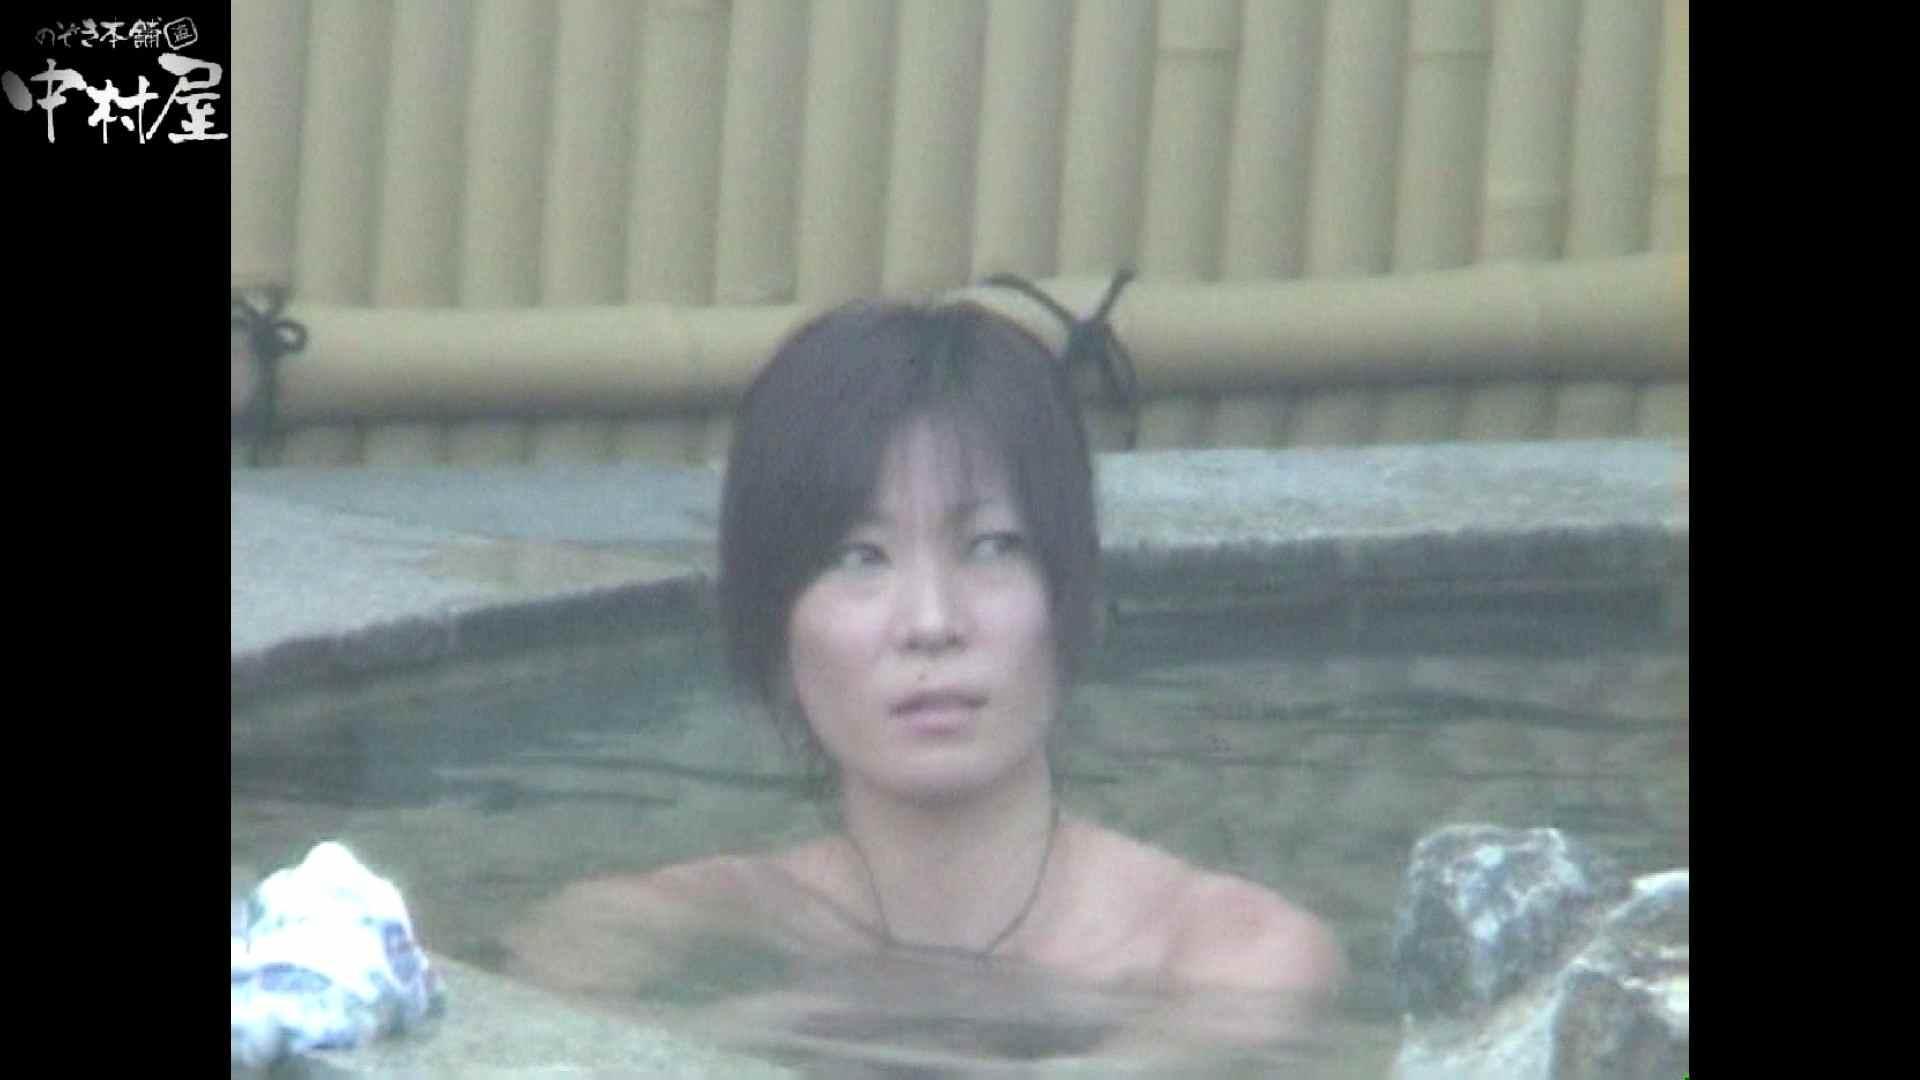 Aquaな露天風呂Vol.972 OLのエロ生活   盗撮  105連発 79